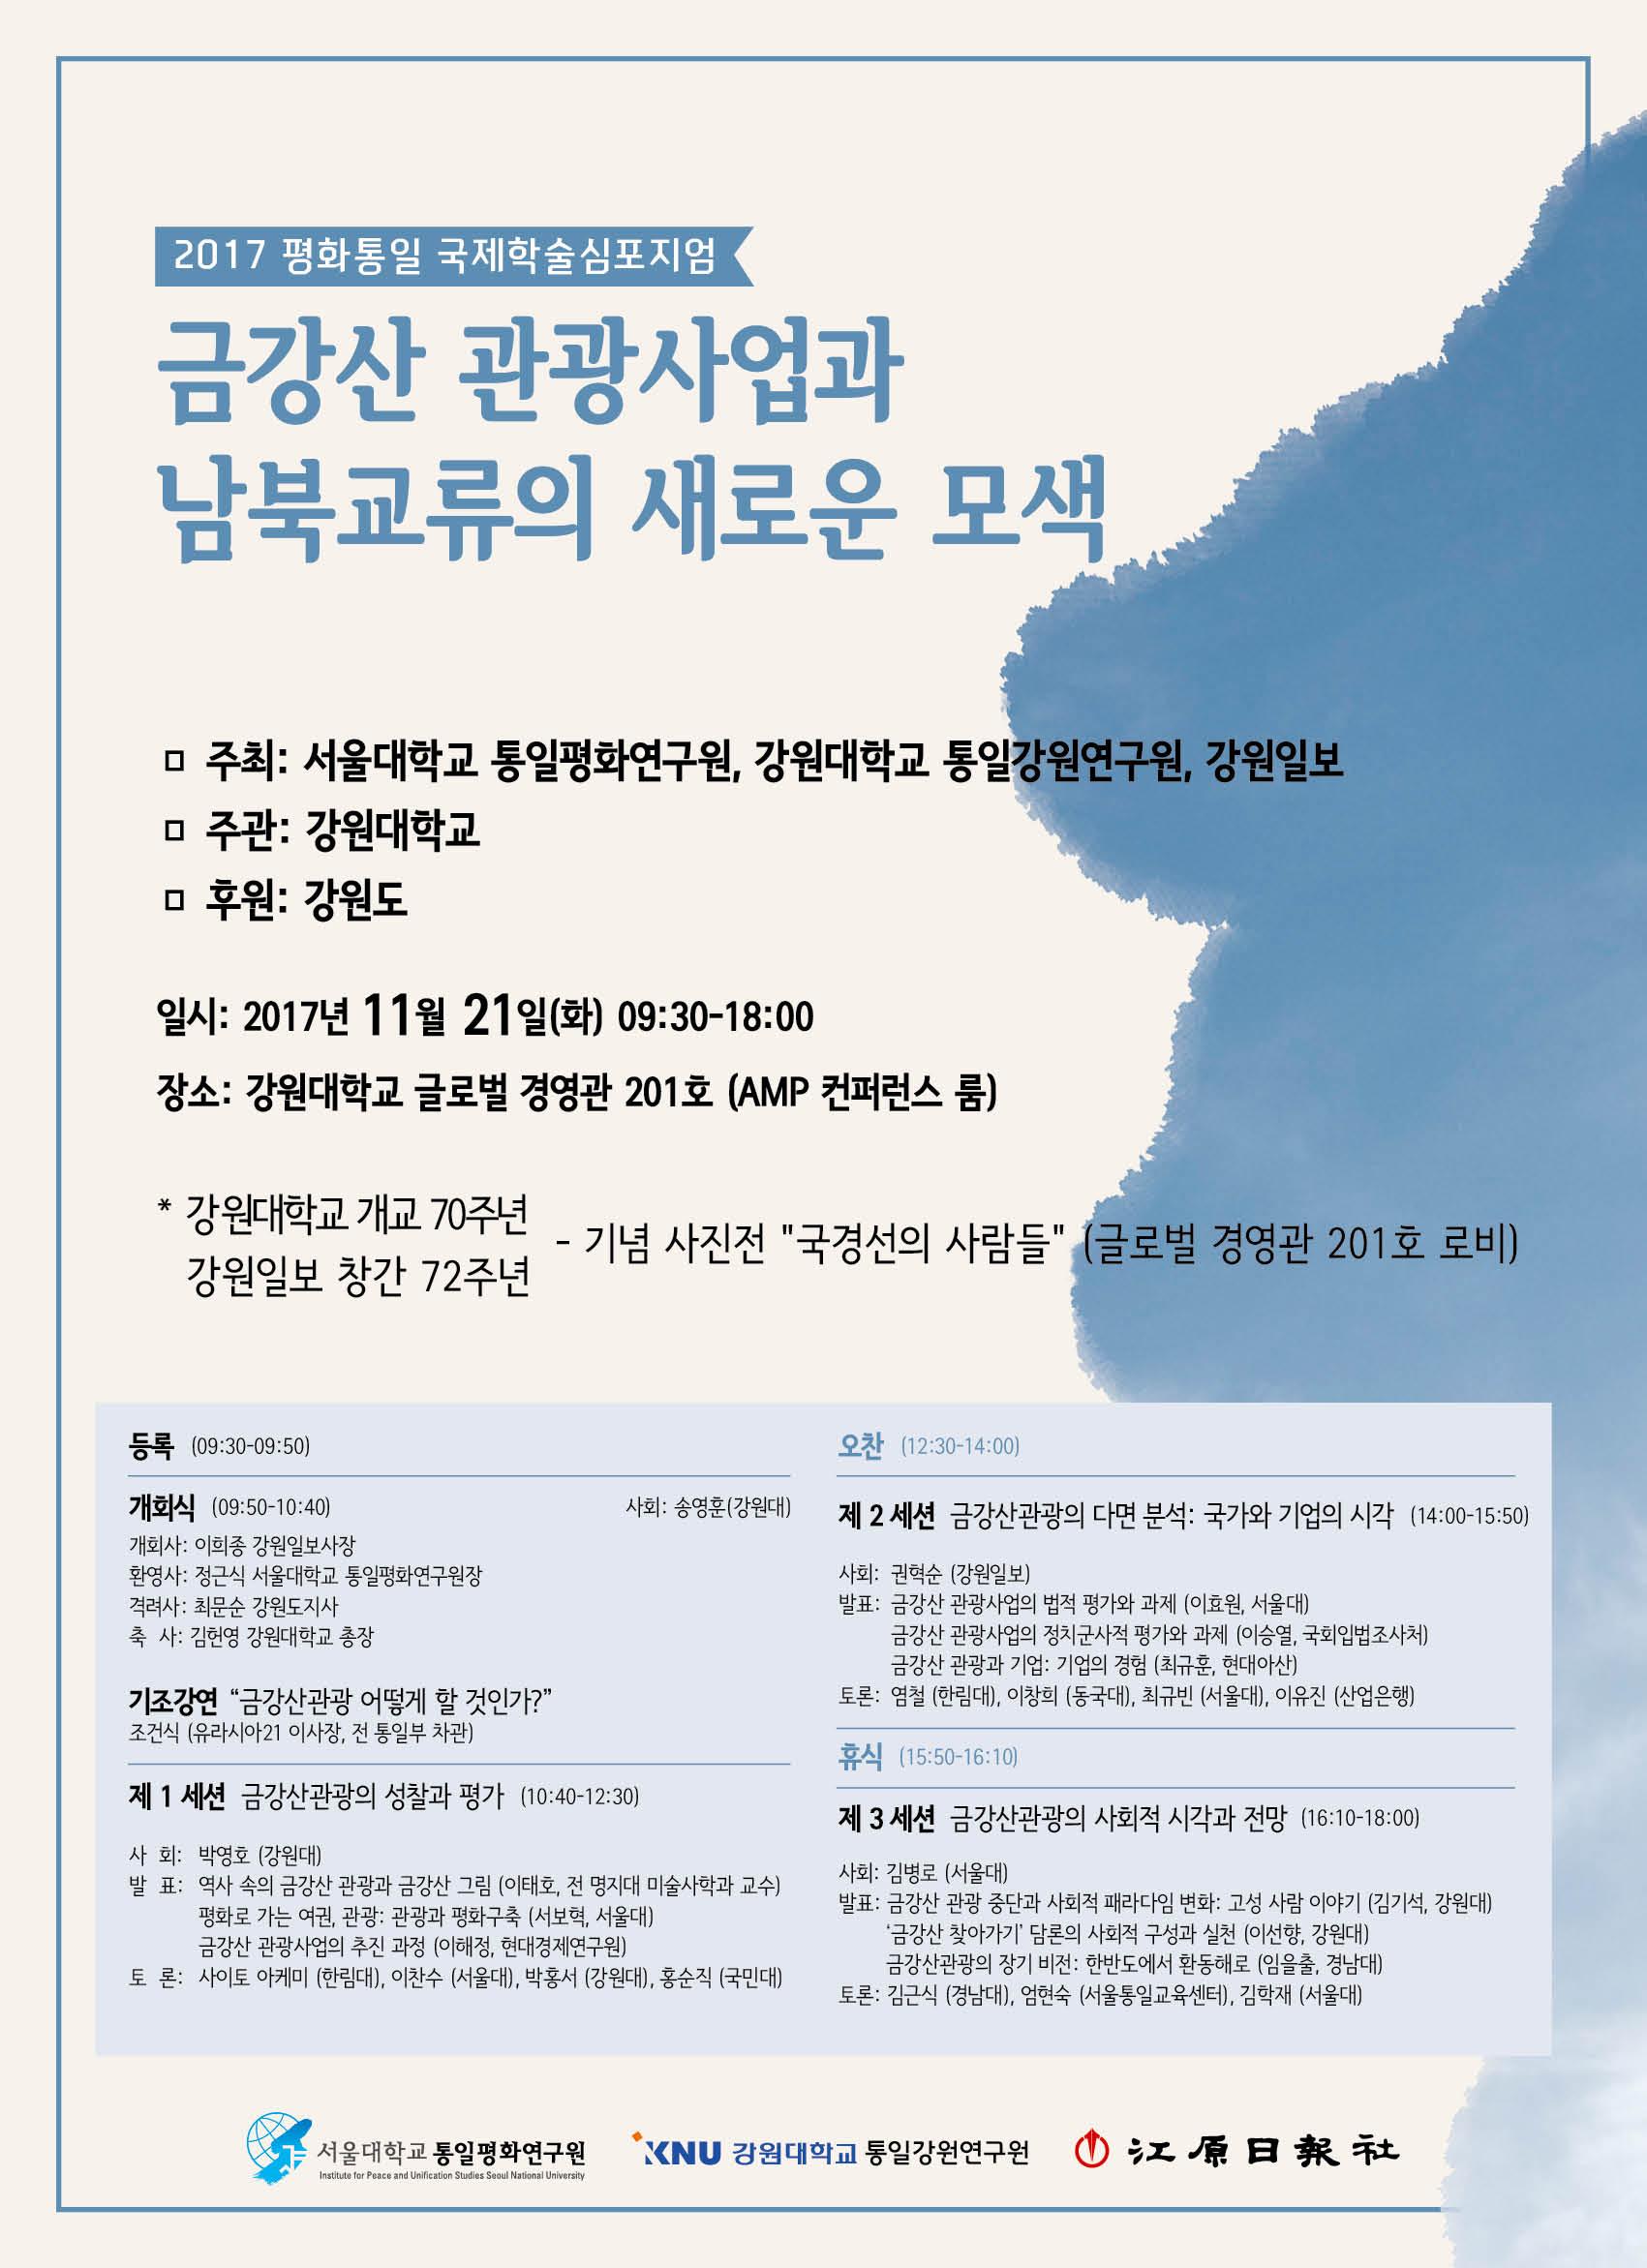 평화통일 국제학술심포지엄_포스터_171107.jpg